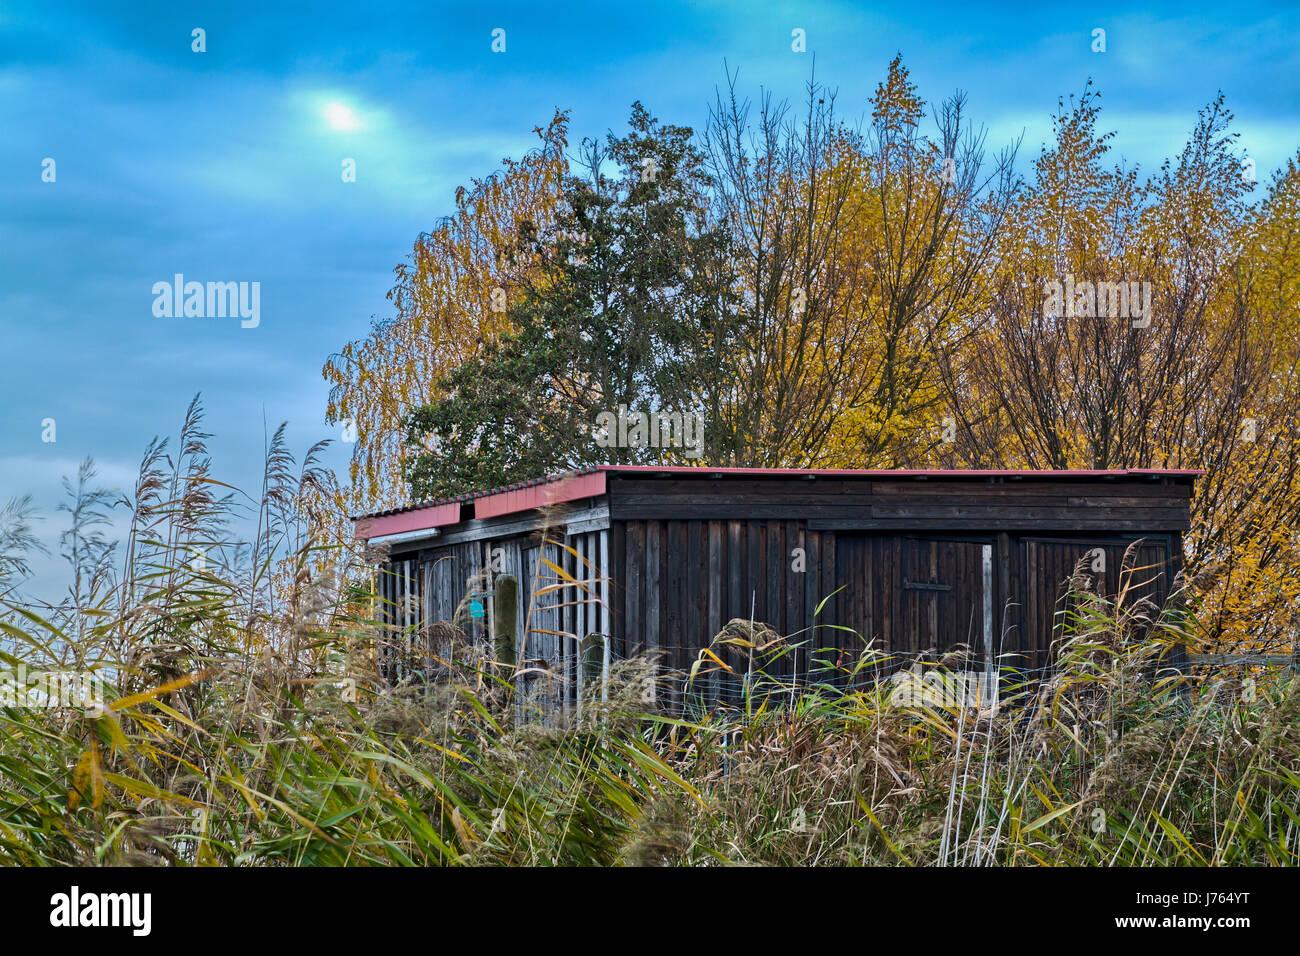 Holz Wild Stand Wald Hutte Herbst Herbst Blau Haus Unterschlupf